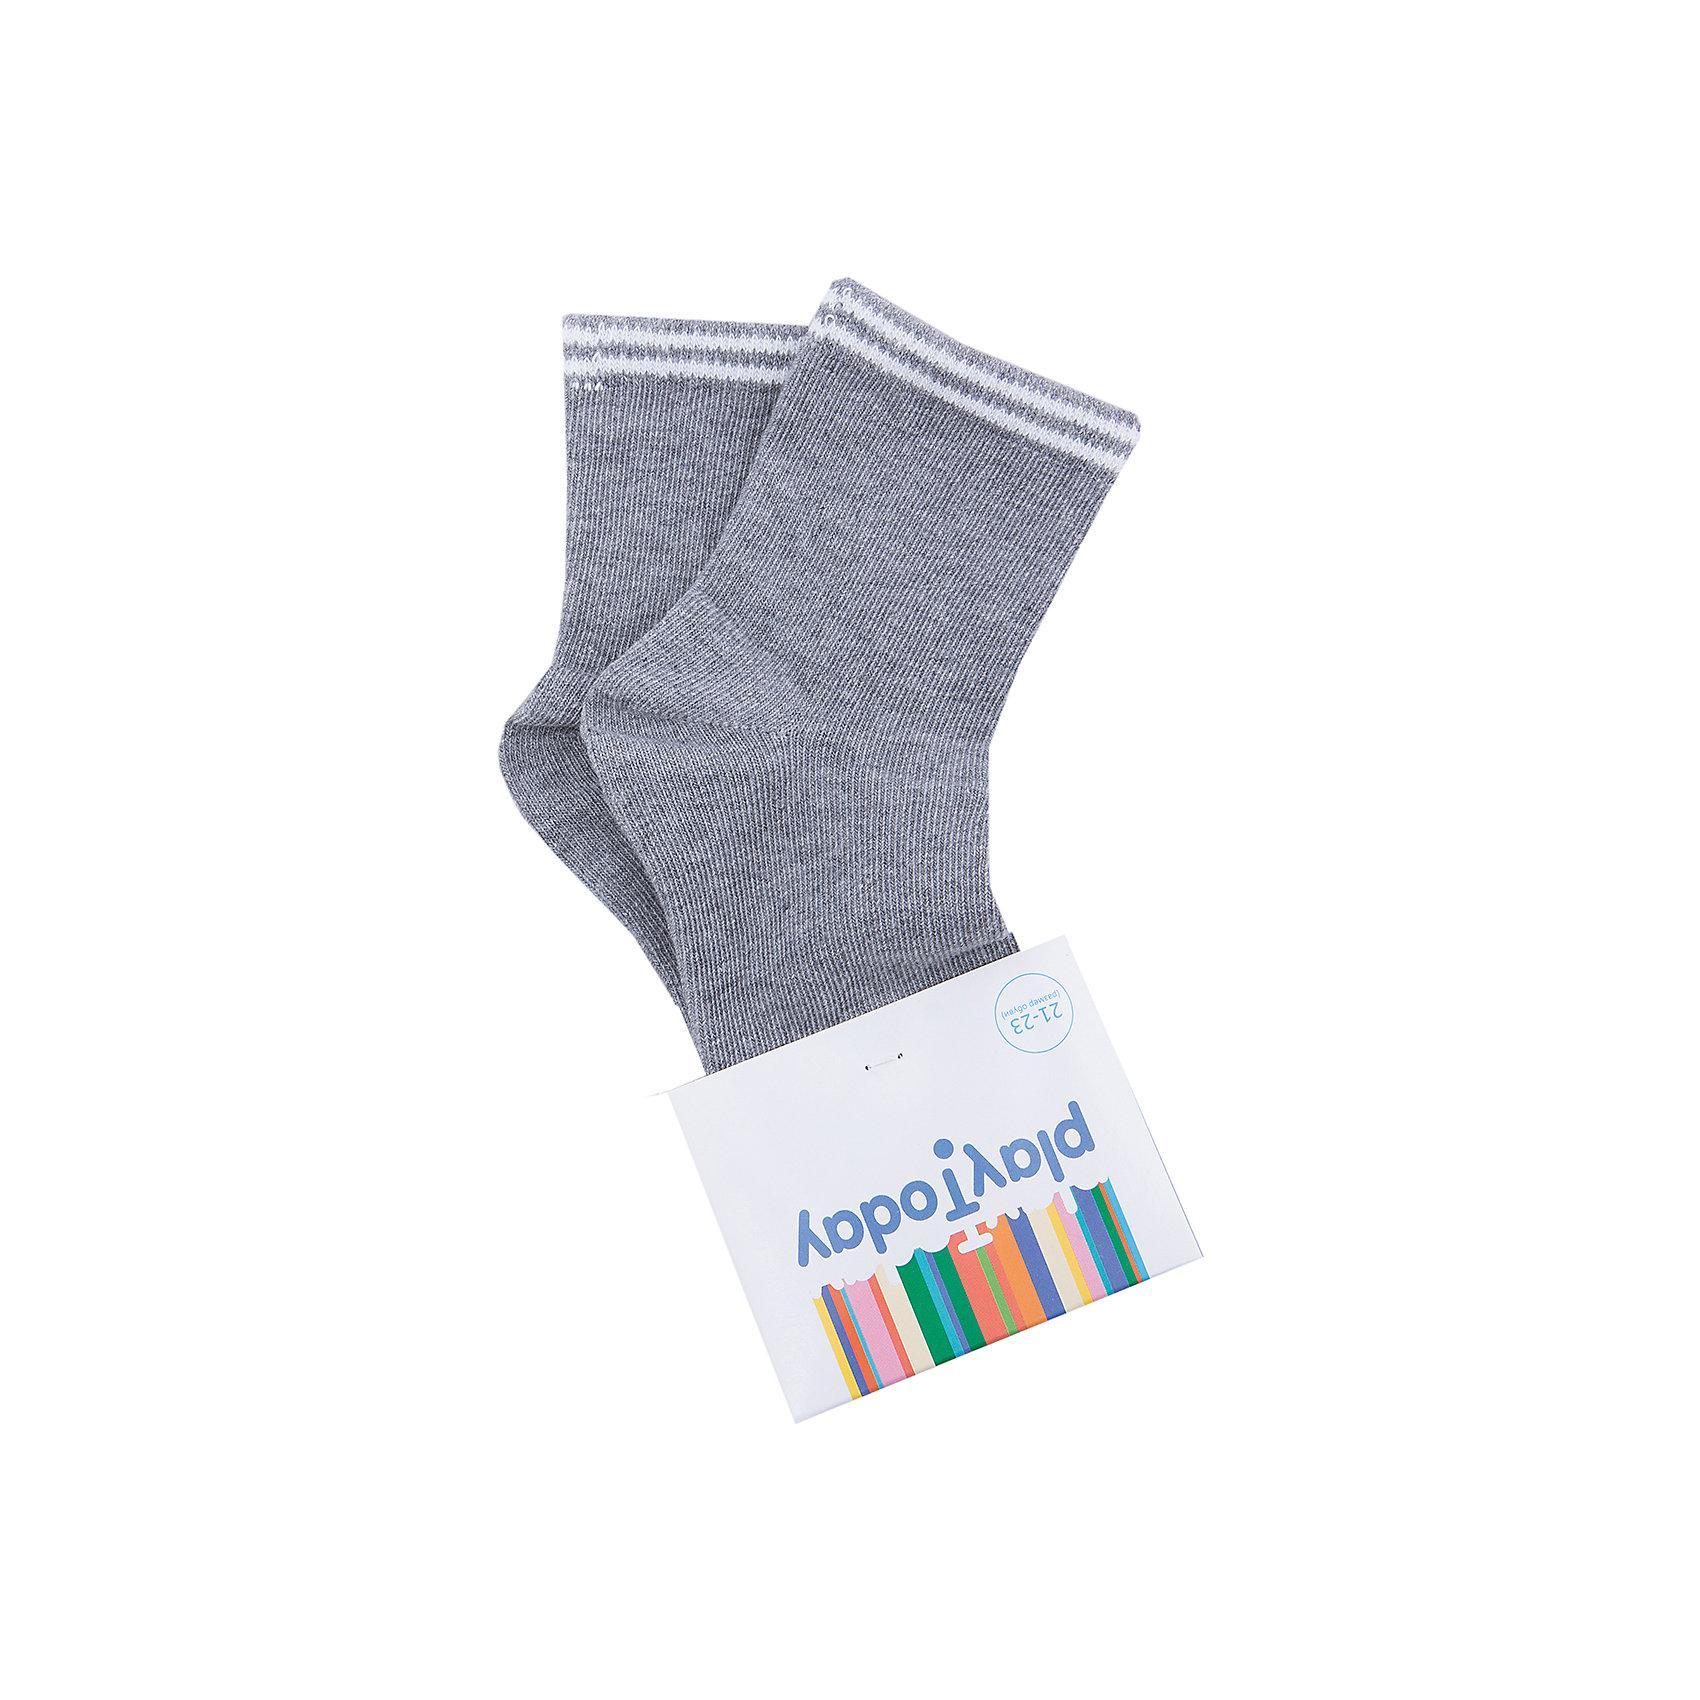 Носки для мальчика PlayTodayНоски<br>Носки для мальчика PlayToday<br>Носки очень мягкие, из качественных материалов, приятны к телу и не сковывают движений. Хорошо пропускают воздух, тем самым позволяя коже дышать.  Даже частые стирки, при условии соблюдений рекомендаций по уходу, не изменят ни форму, ни цвет изделий.Преимущества: Мягкие, выполненные из натуральных материалов, приятны к телу, не сковывают движенийХорошо пропускают воздух, позволяя тем самым коже дышатьДаже частые стирки, при условии соблюдений рекомендаций по уходу, не изменят ни форму, ни цвет изделия<br>Состав:<br>75% хлопок 20% нейлон 5% эластан<br><br>Ширина мм: 87<br>Глубина мм: 10<br>Высота мм: 105<br>Вес г: 115<br>Цвет: серый<br>Возраст от месяцев: 84<br>Возраст до месяцев: 96<br>Пол: Мужской<br>Возраст: Детский<br>Размер: 18,14,16<br>SKU: 5403476